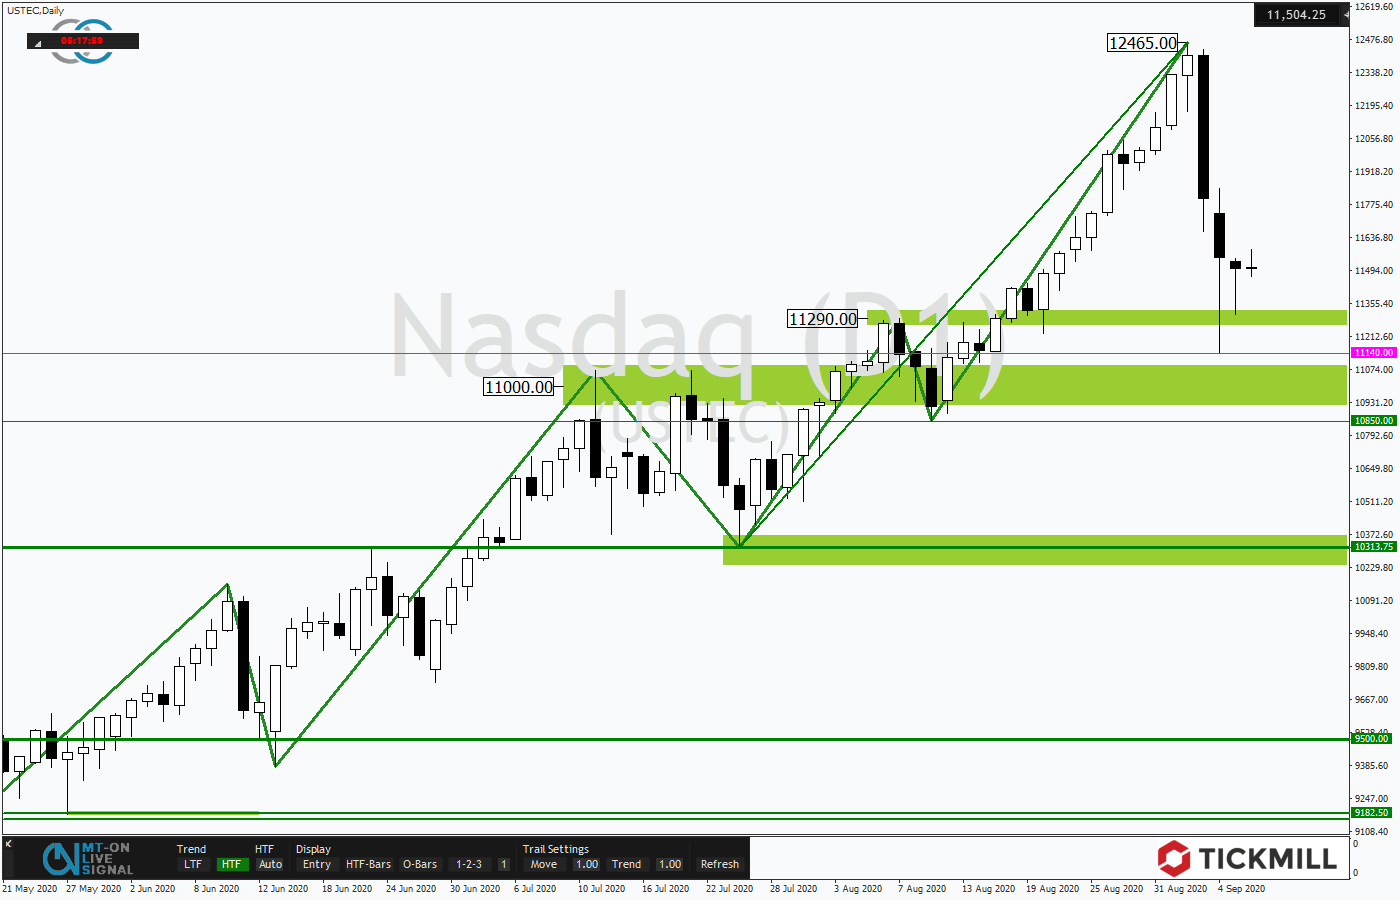 Tickmill-Analyse: NASDAQ100 im Tagestrend